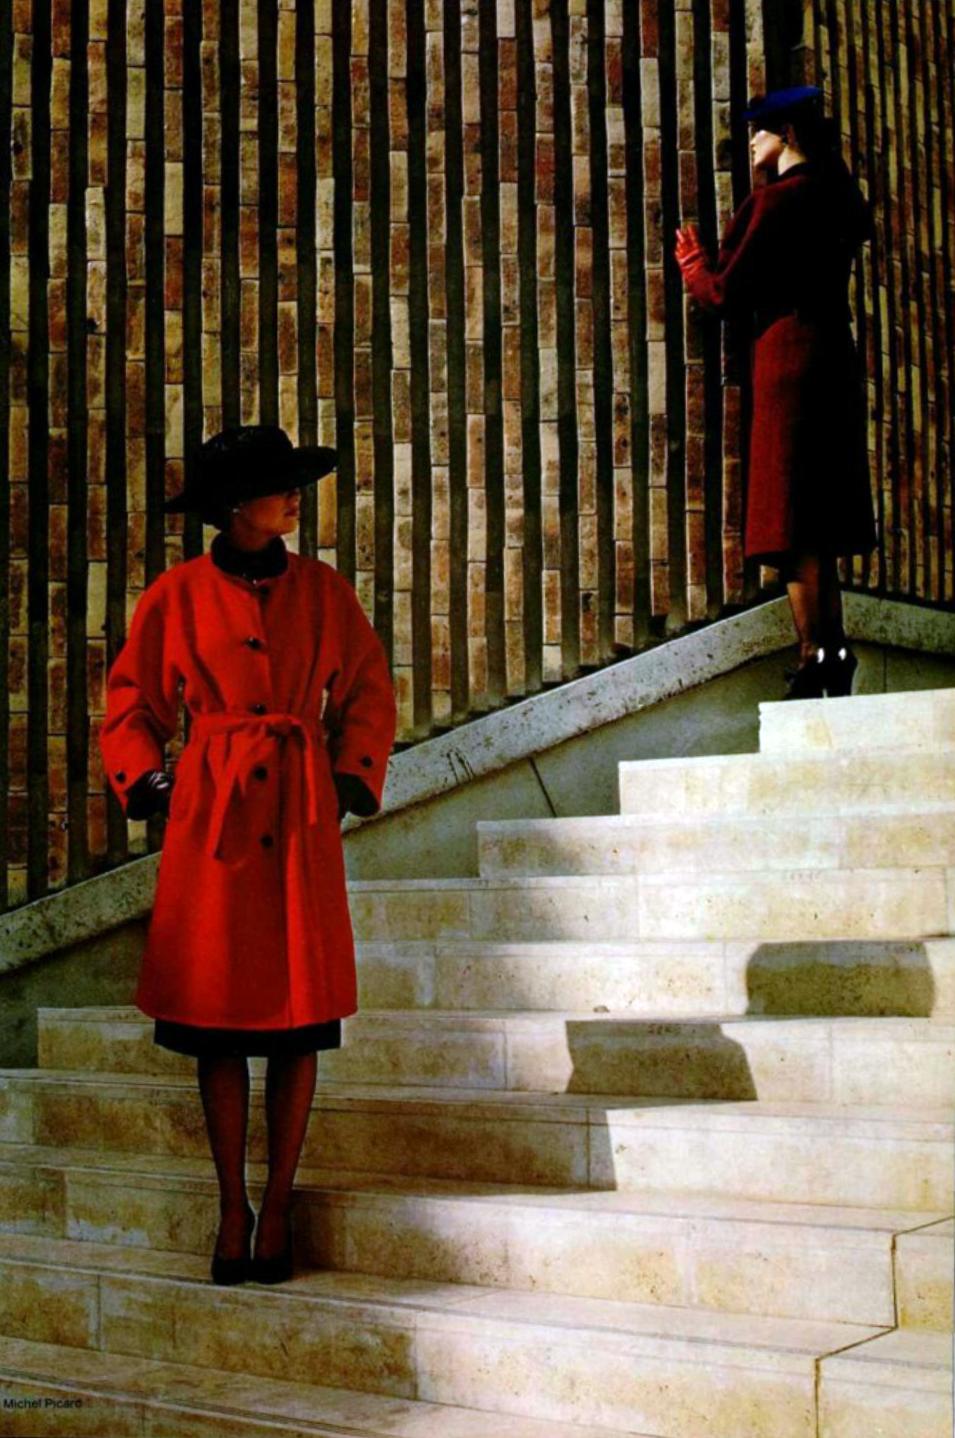 Yves Saint Laurent, L'Officiel magazine 1979